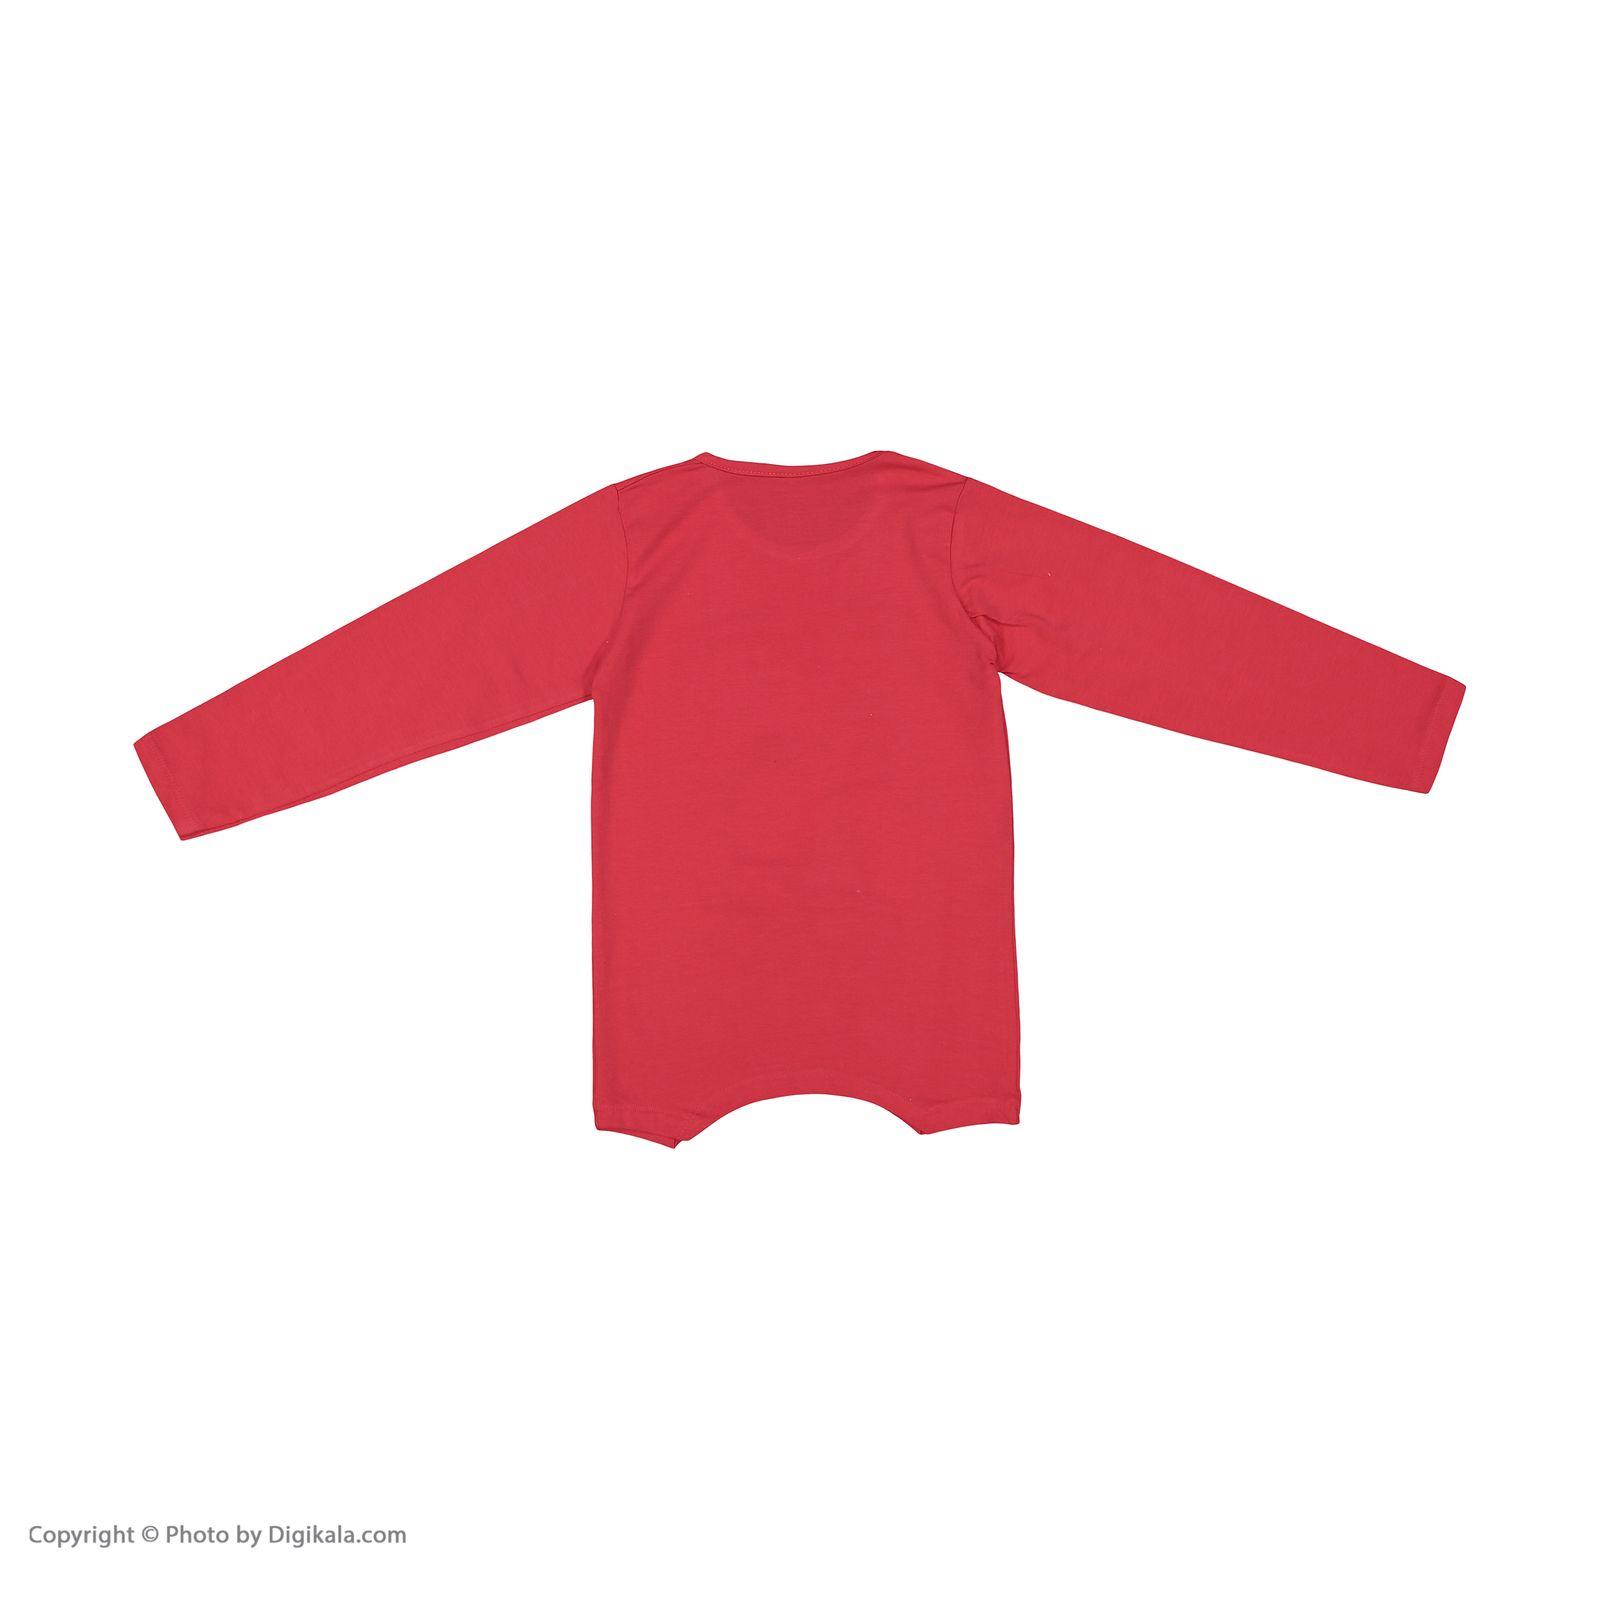 تی شرت دخترانه سون پون مدل 1391352-88 -  - 4